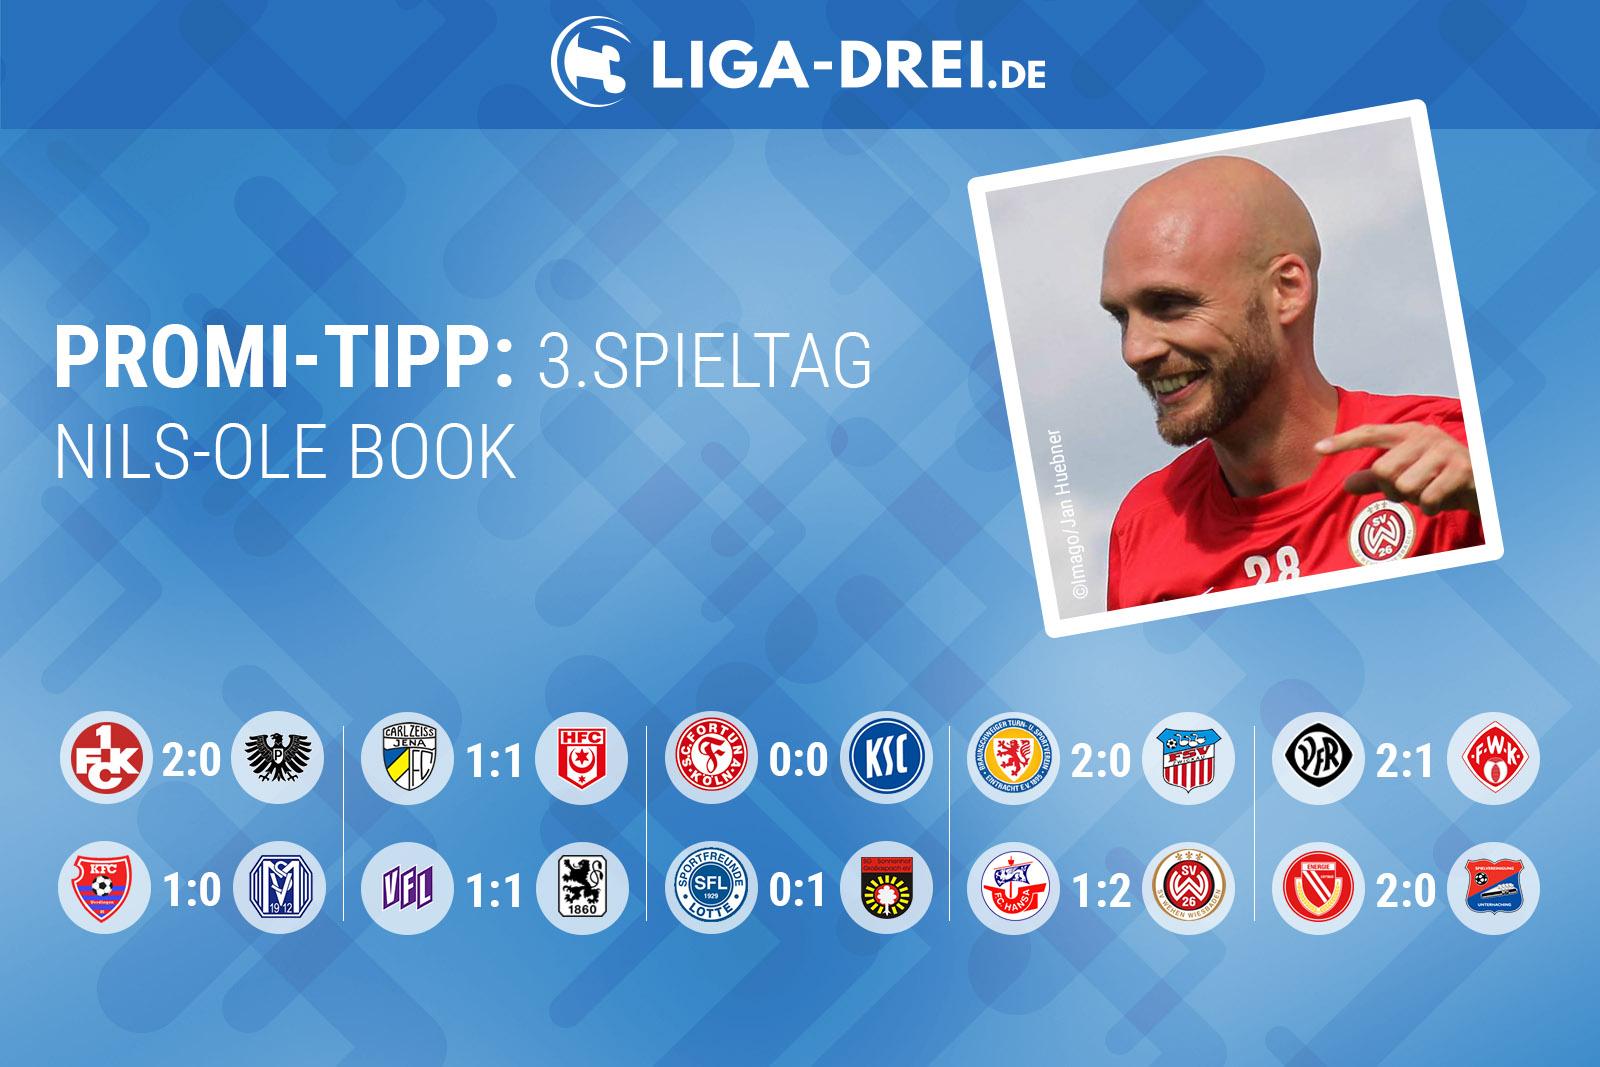 Nils-Ole Book beim Promi-Tipp von Liga-Drei.de